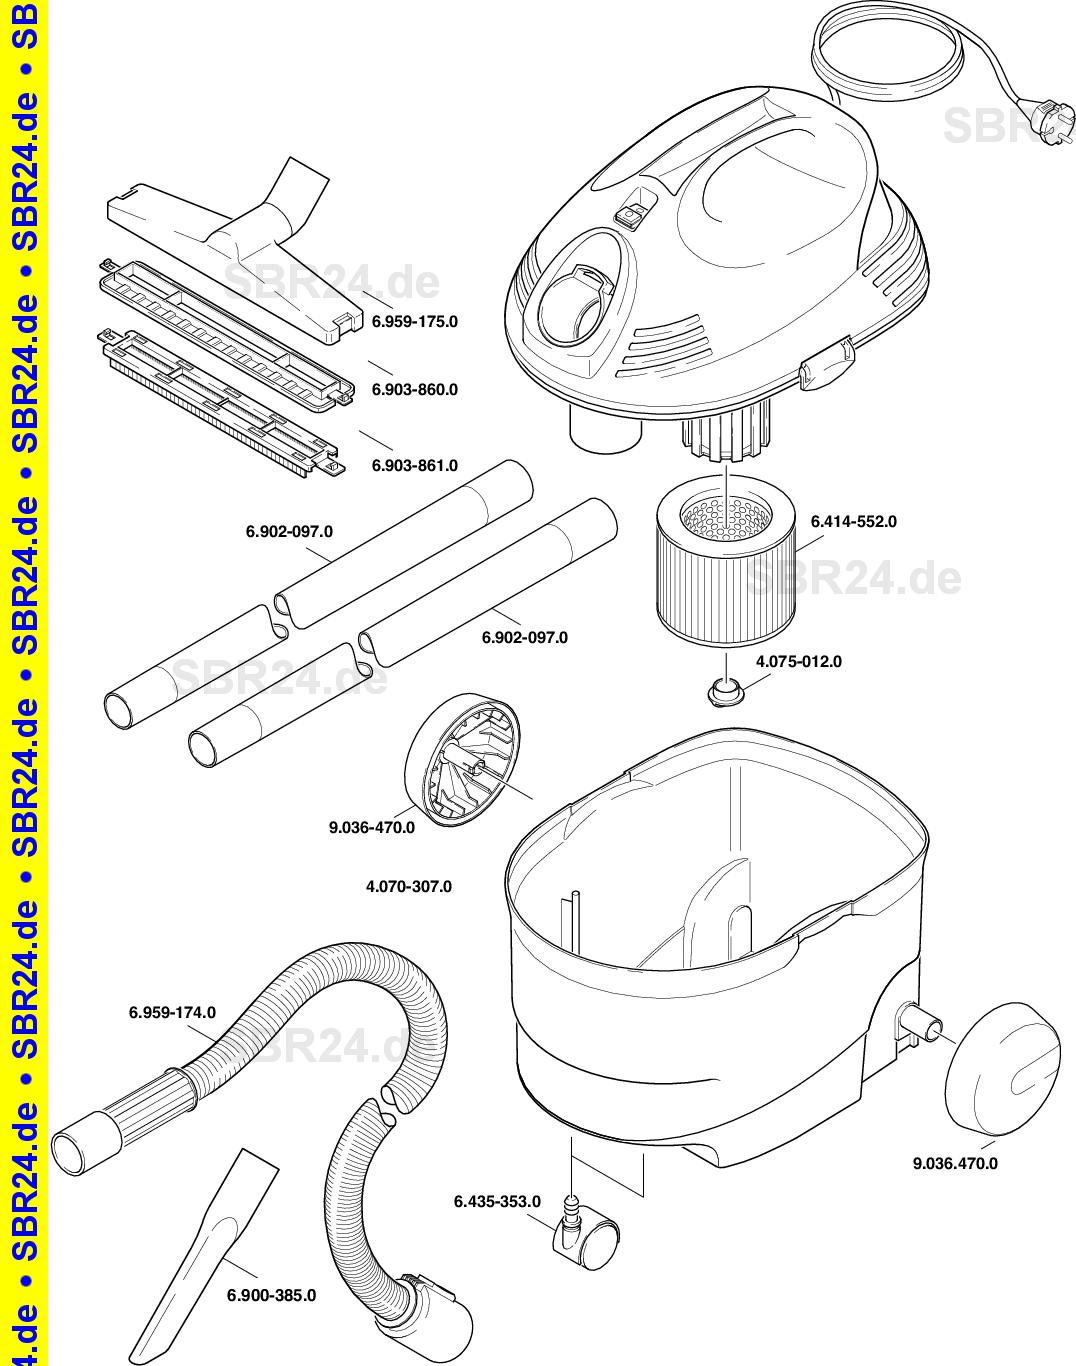 Kärcher Ersatzteile A 2101 Eu 1178 1010